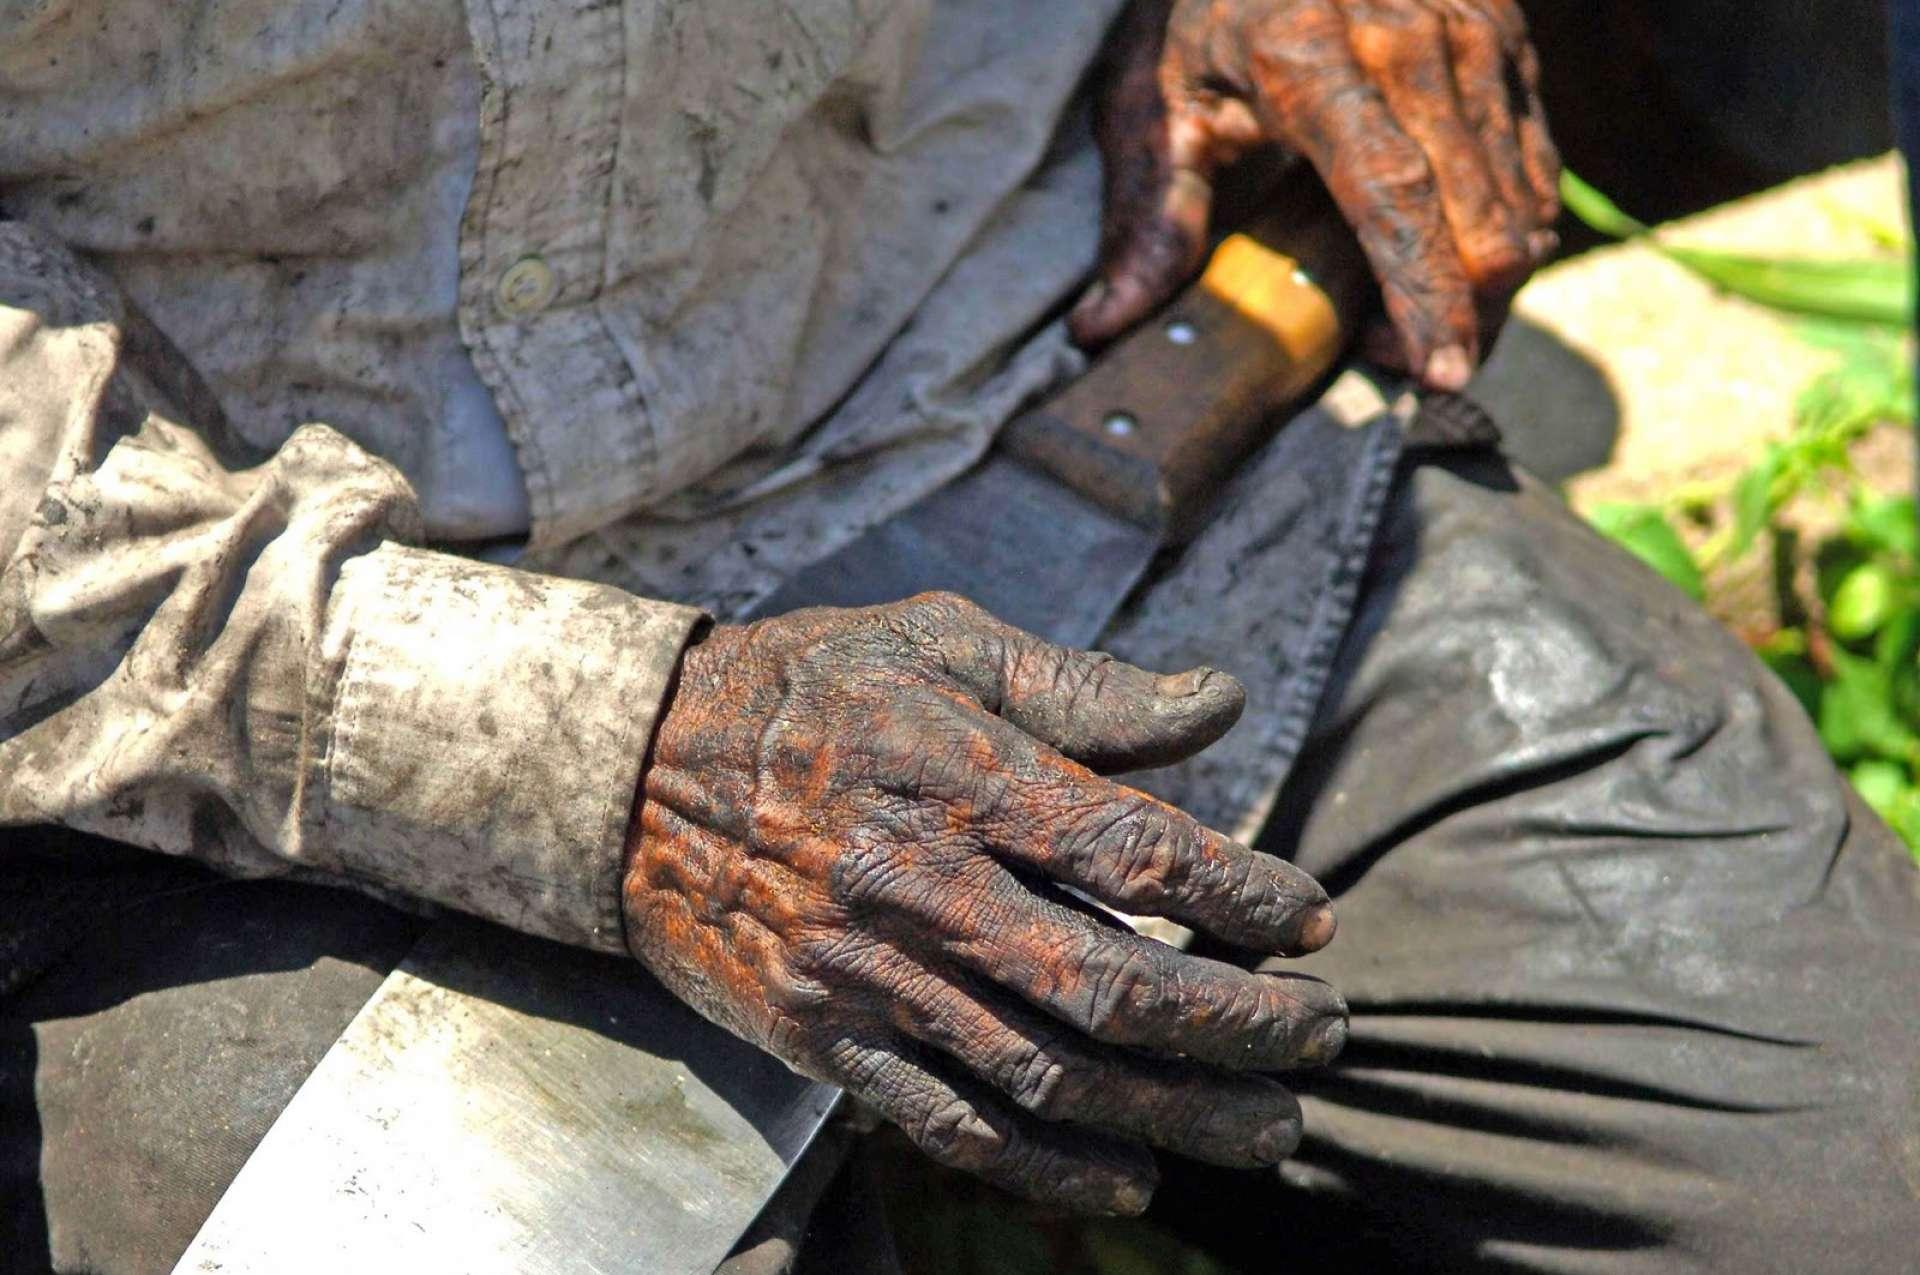 Novo decreto pode fragilizar cumprimento dos direitos humanos por empresas